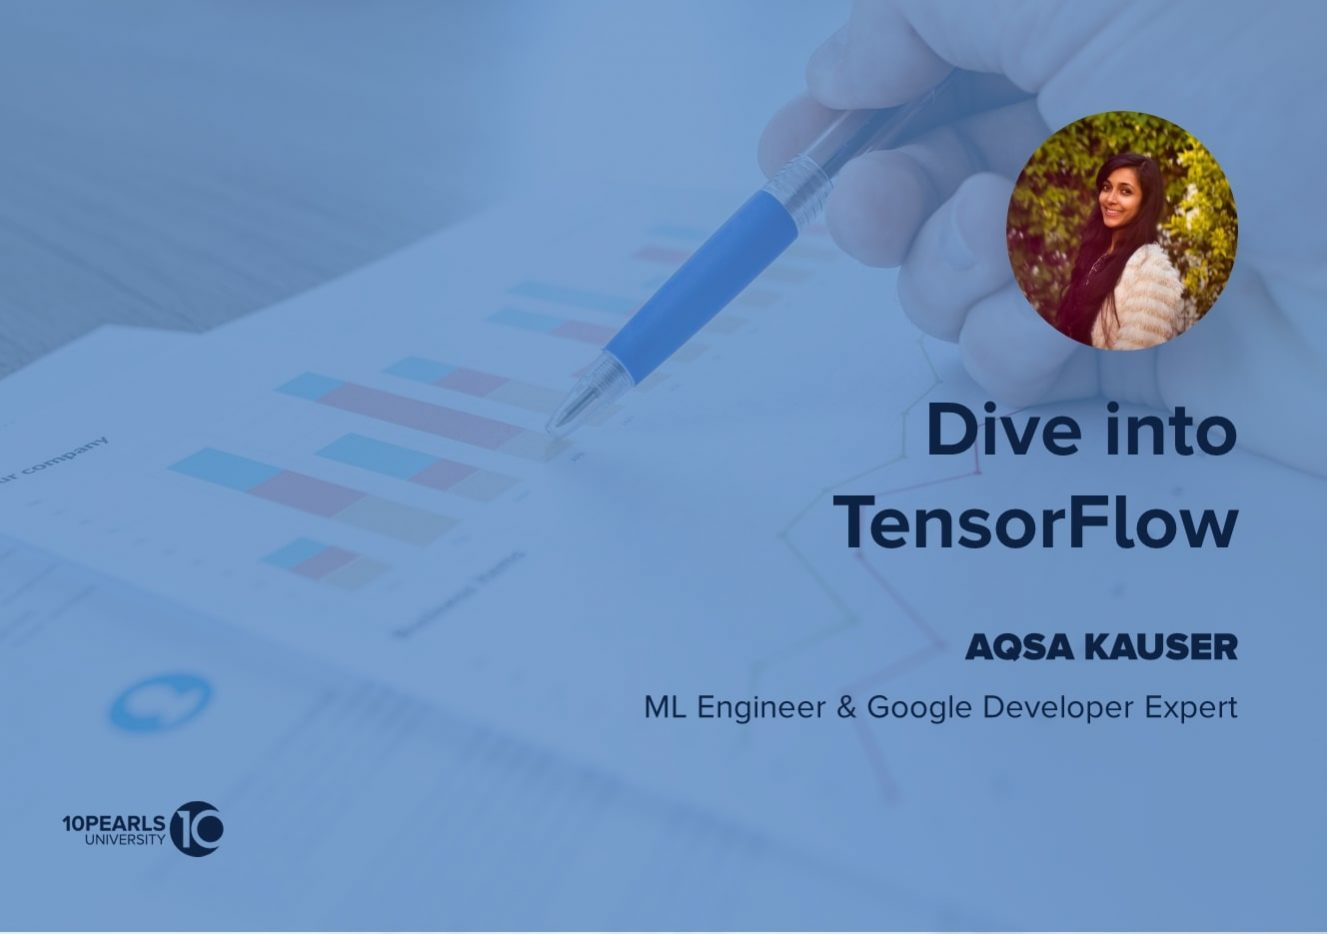 Dive into TensorFlow